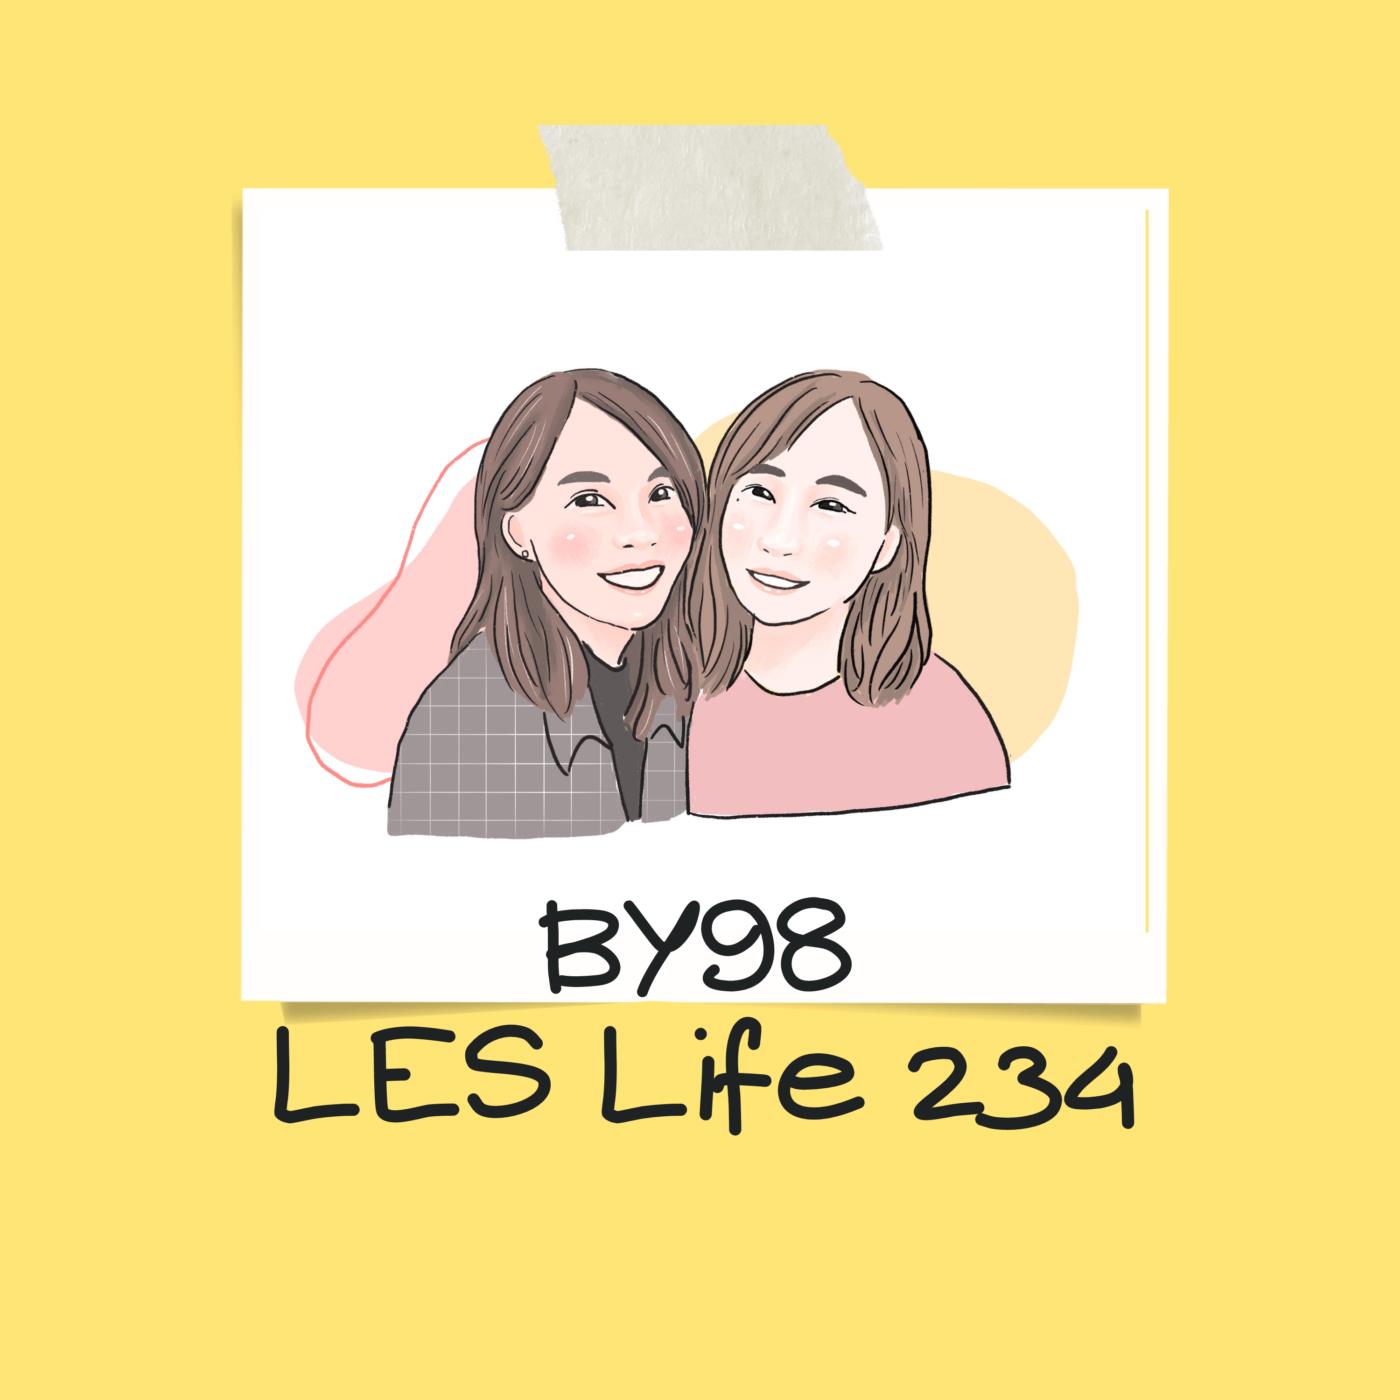 Les生活234-《原來,這樣就能找到好伴侶》講座心得:練習許一個好願!